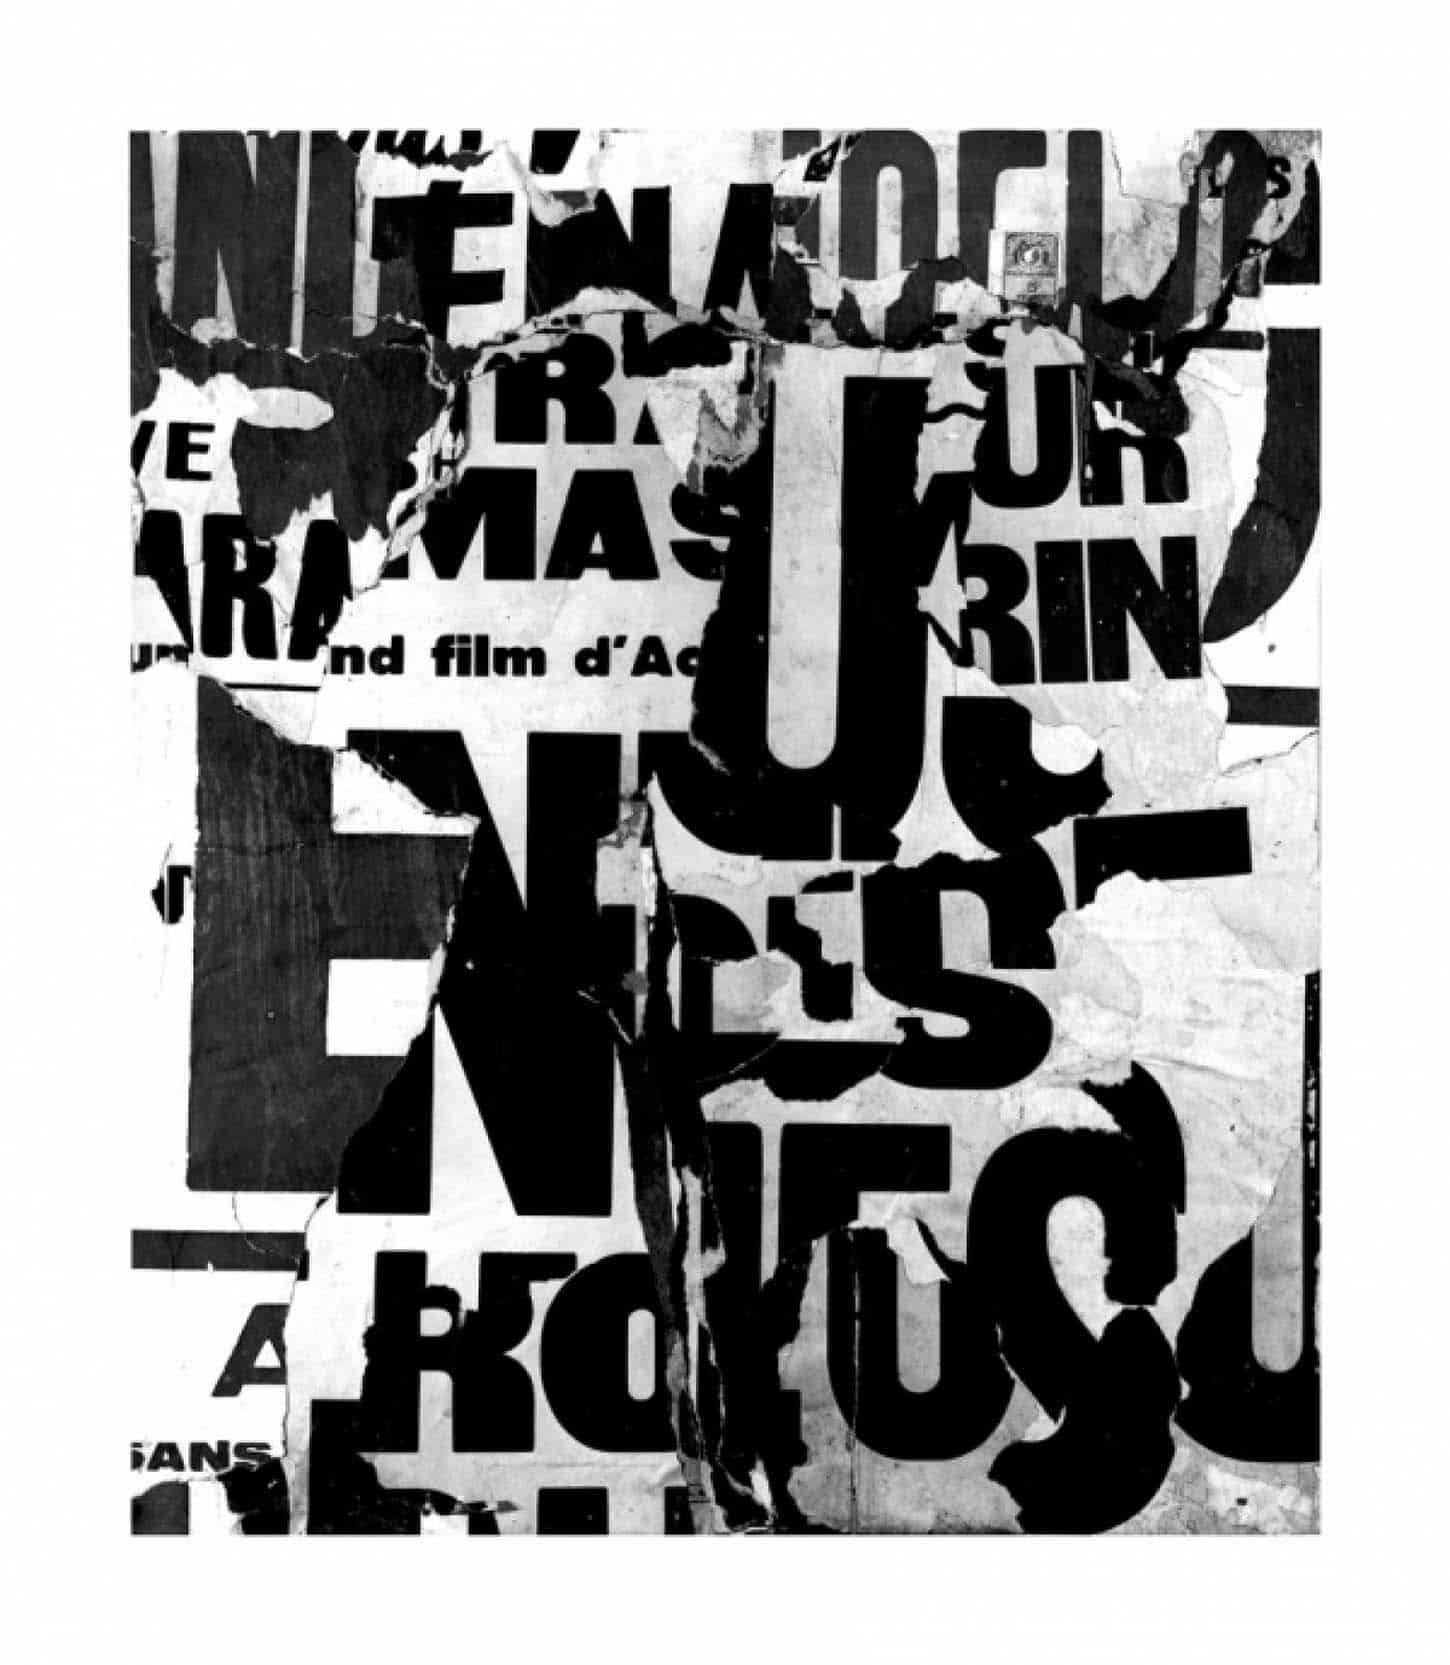 Jacques Villeglé, Rue René Boulanger Digigraphie sur BFK Rives, 310gr, 60,4 x 55,9 cm, 20 ex, 2013.